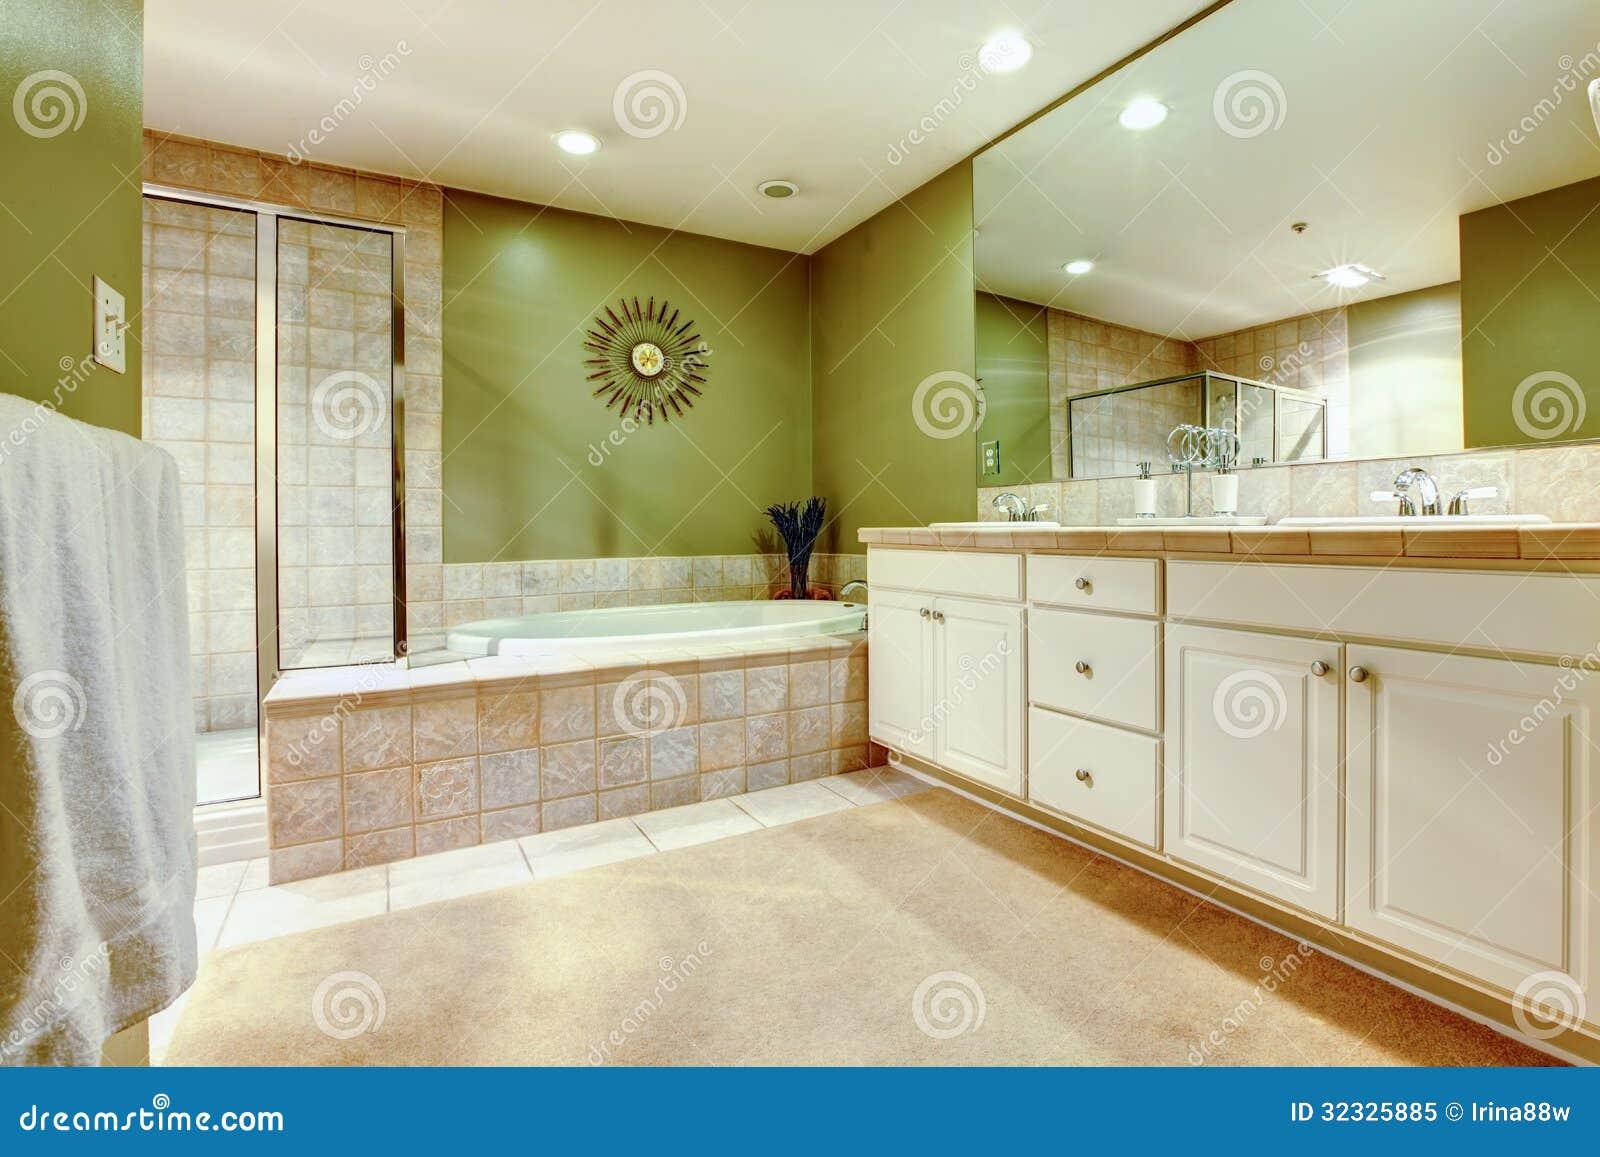 Banheiro Verde E Branco Com Dois Dissipadores Cubas E Chuveiros. Foto  #6D4610 1300x957 Banheiro Branco Com Verde